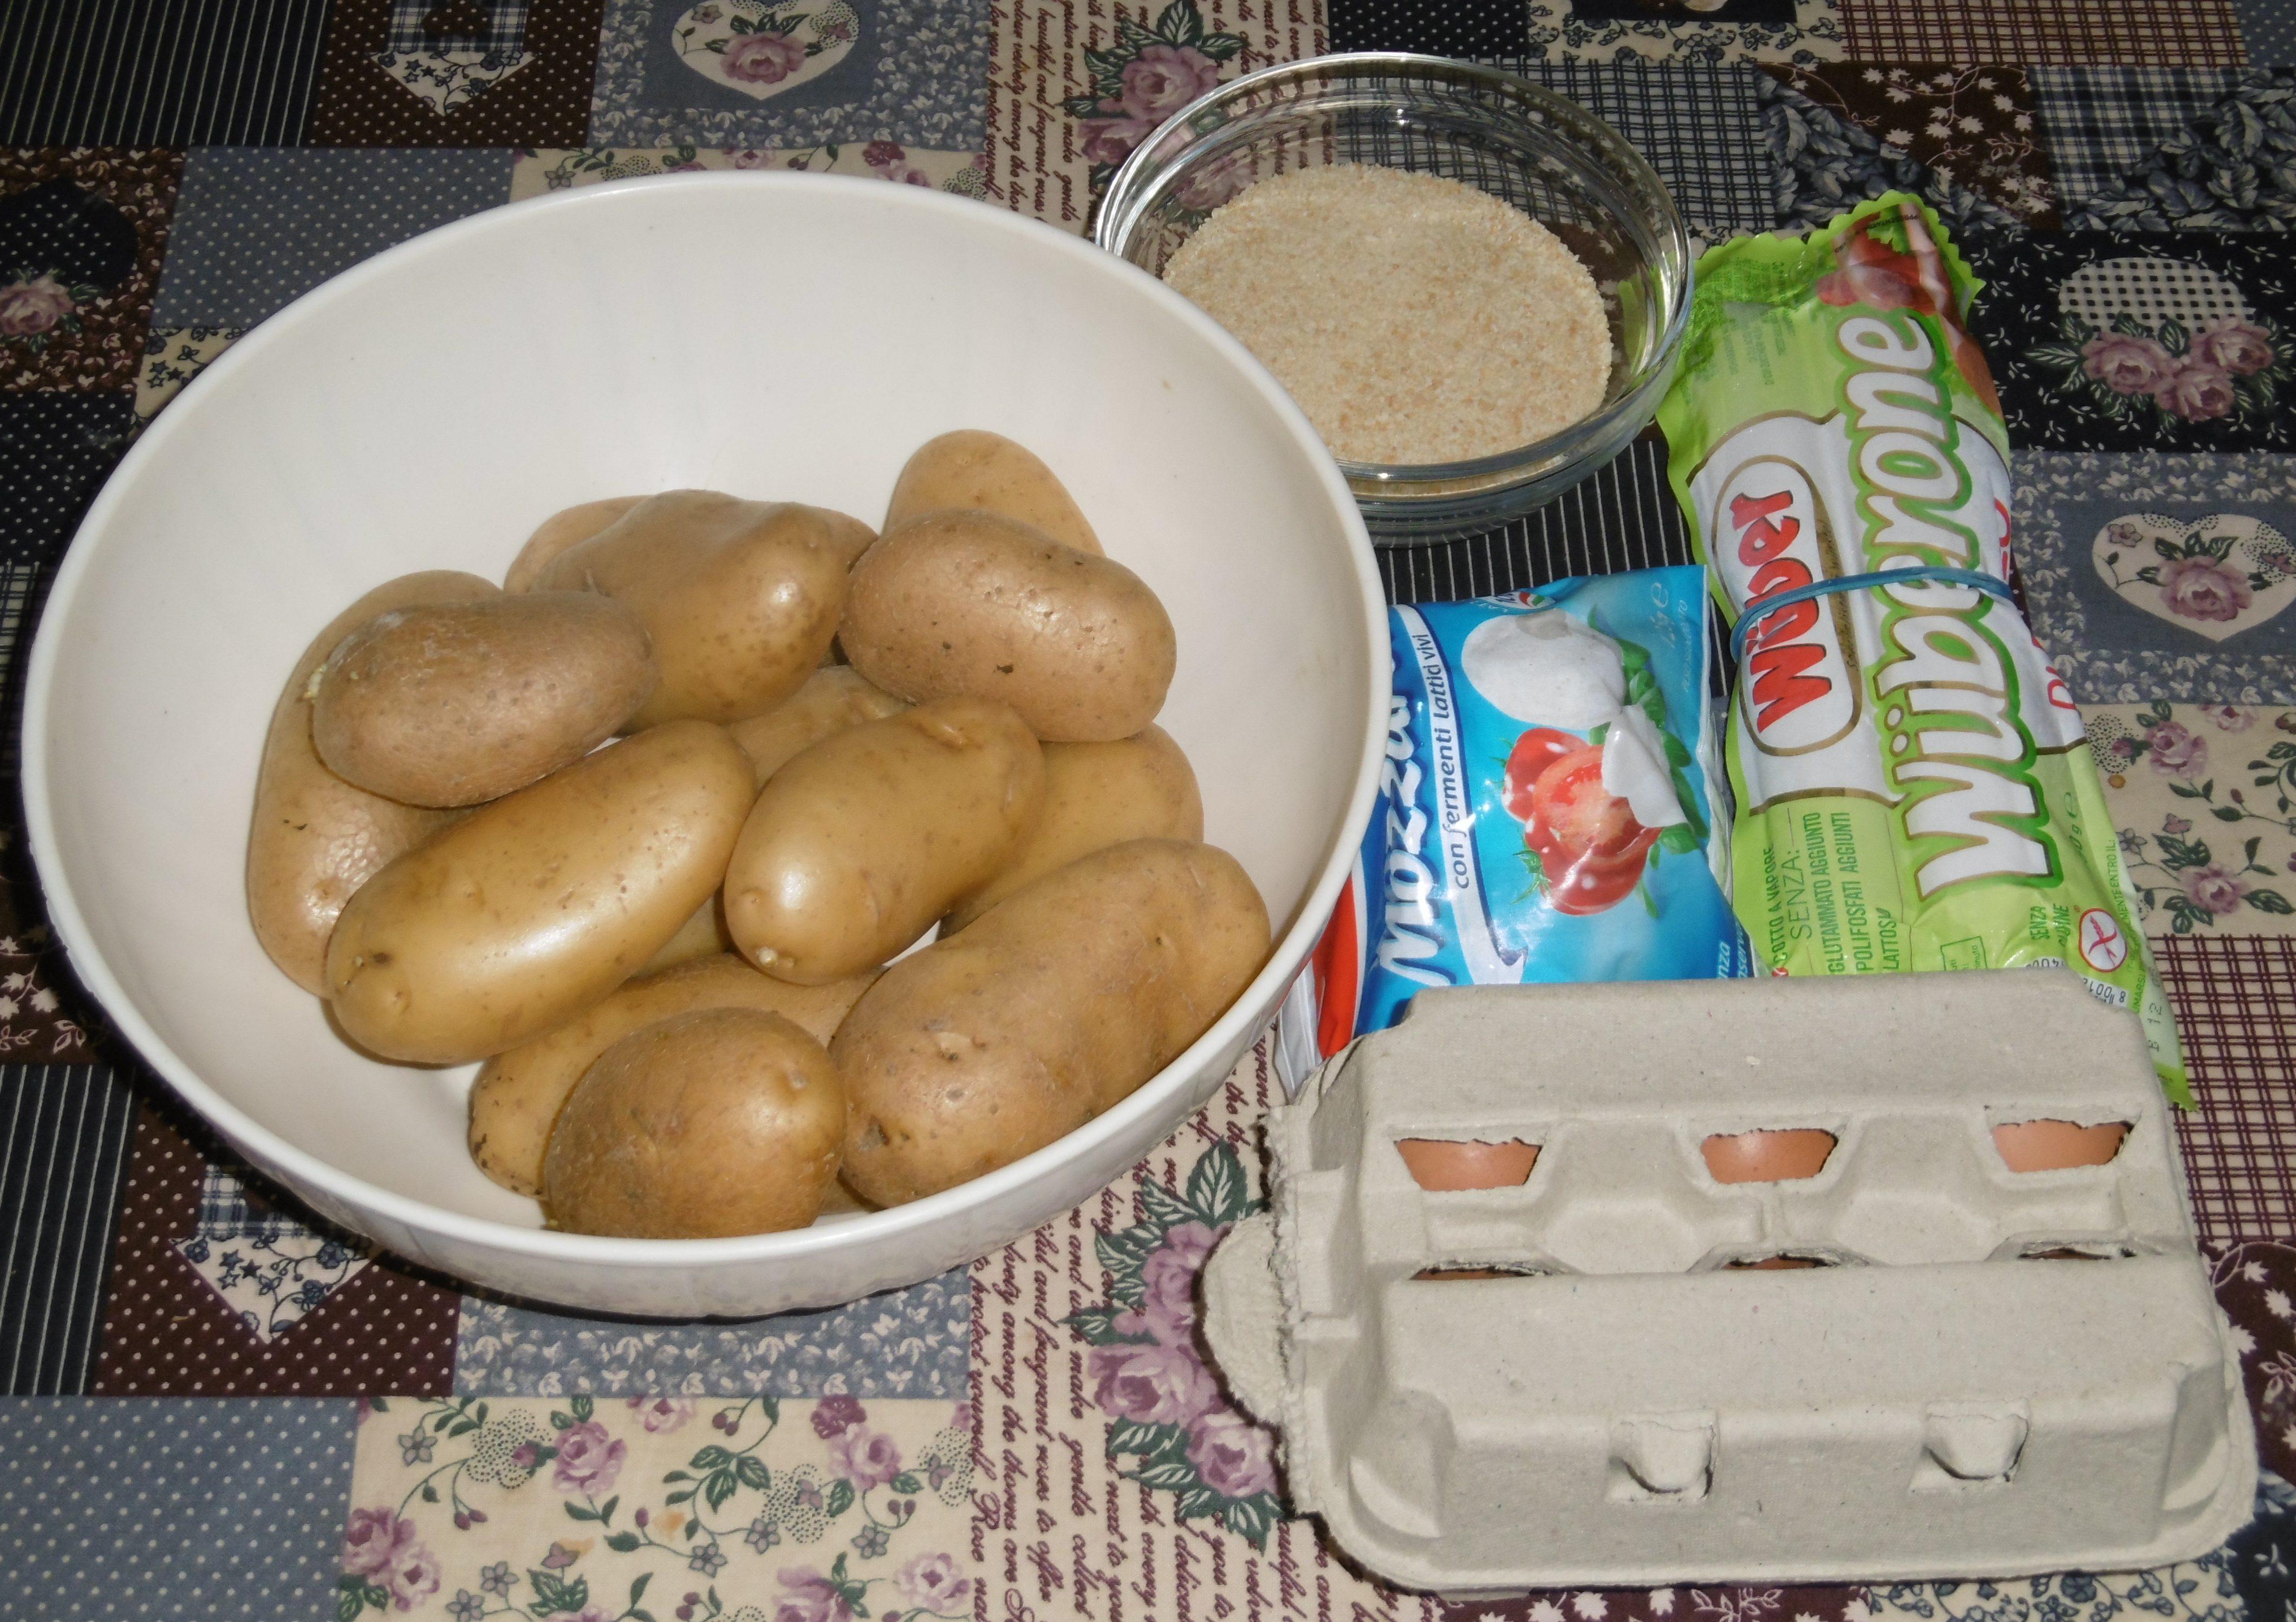 Torta di patate con wurstel e mozzarella - Ingredienti